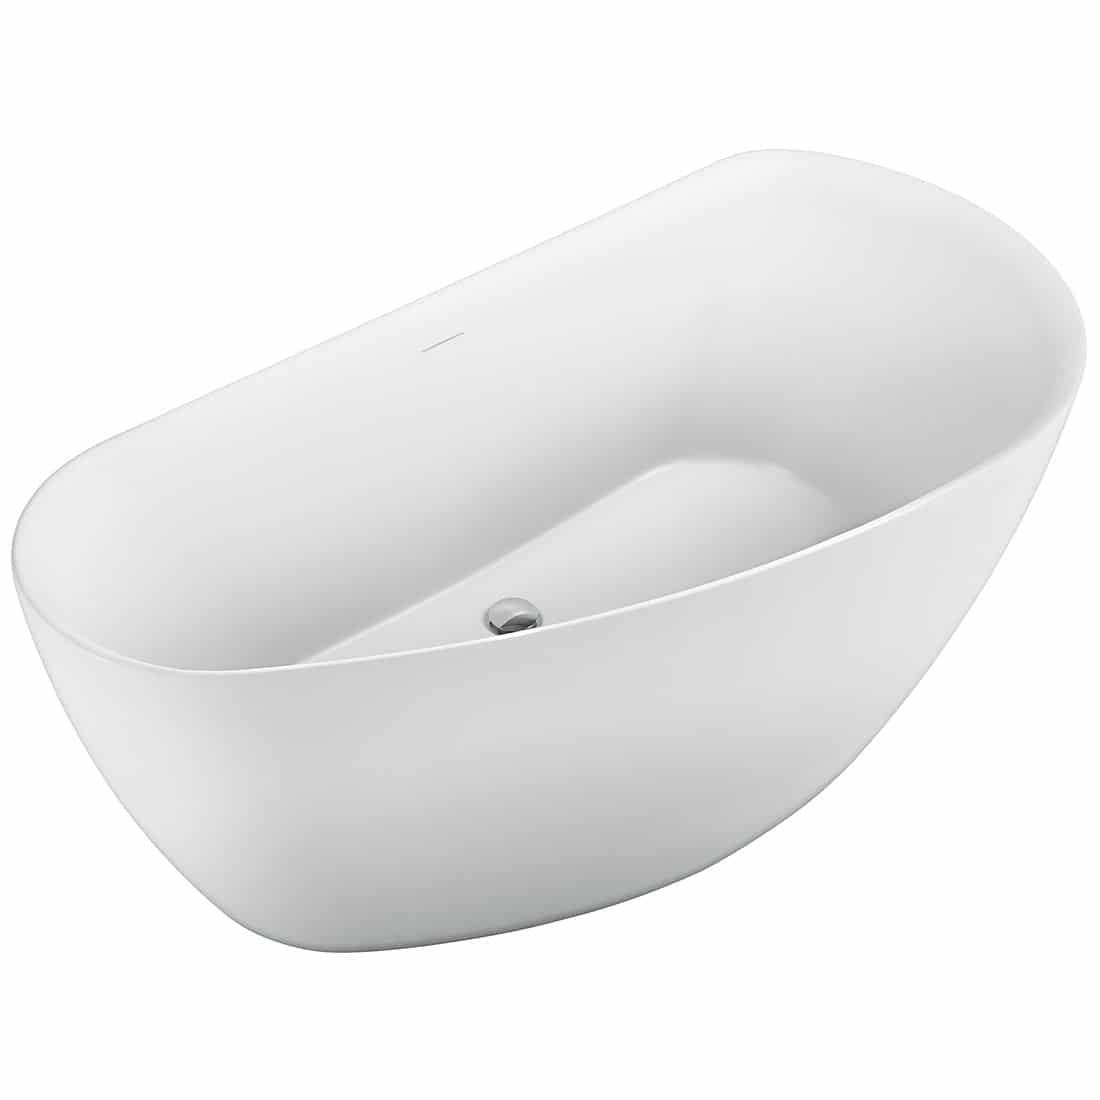 Modell Skagen badkar